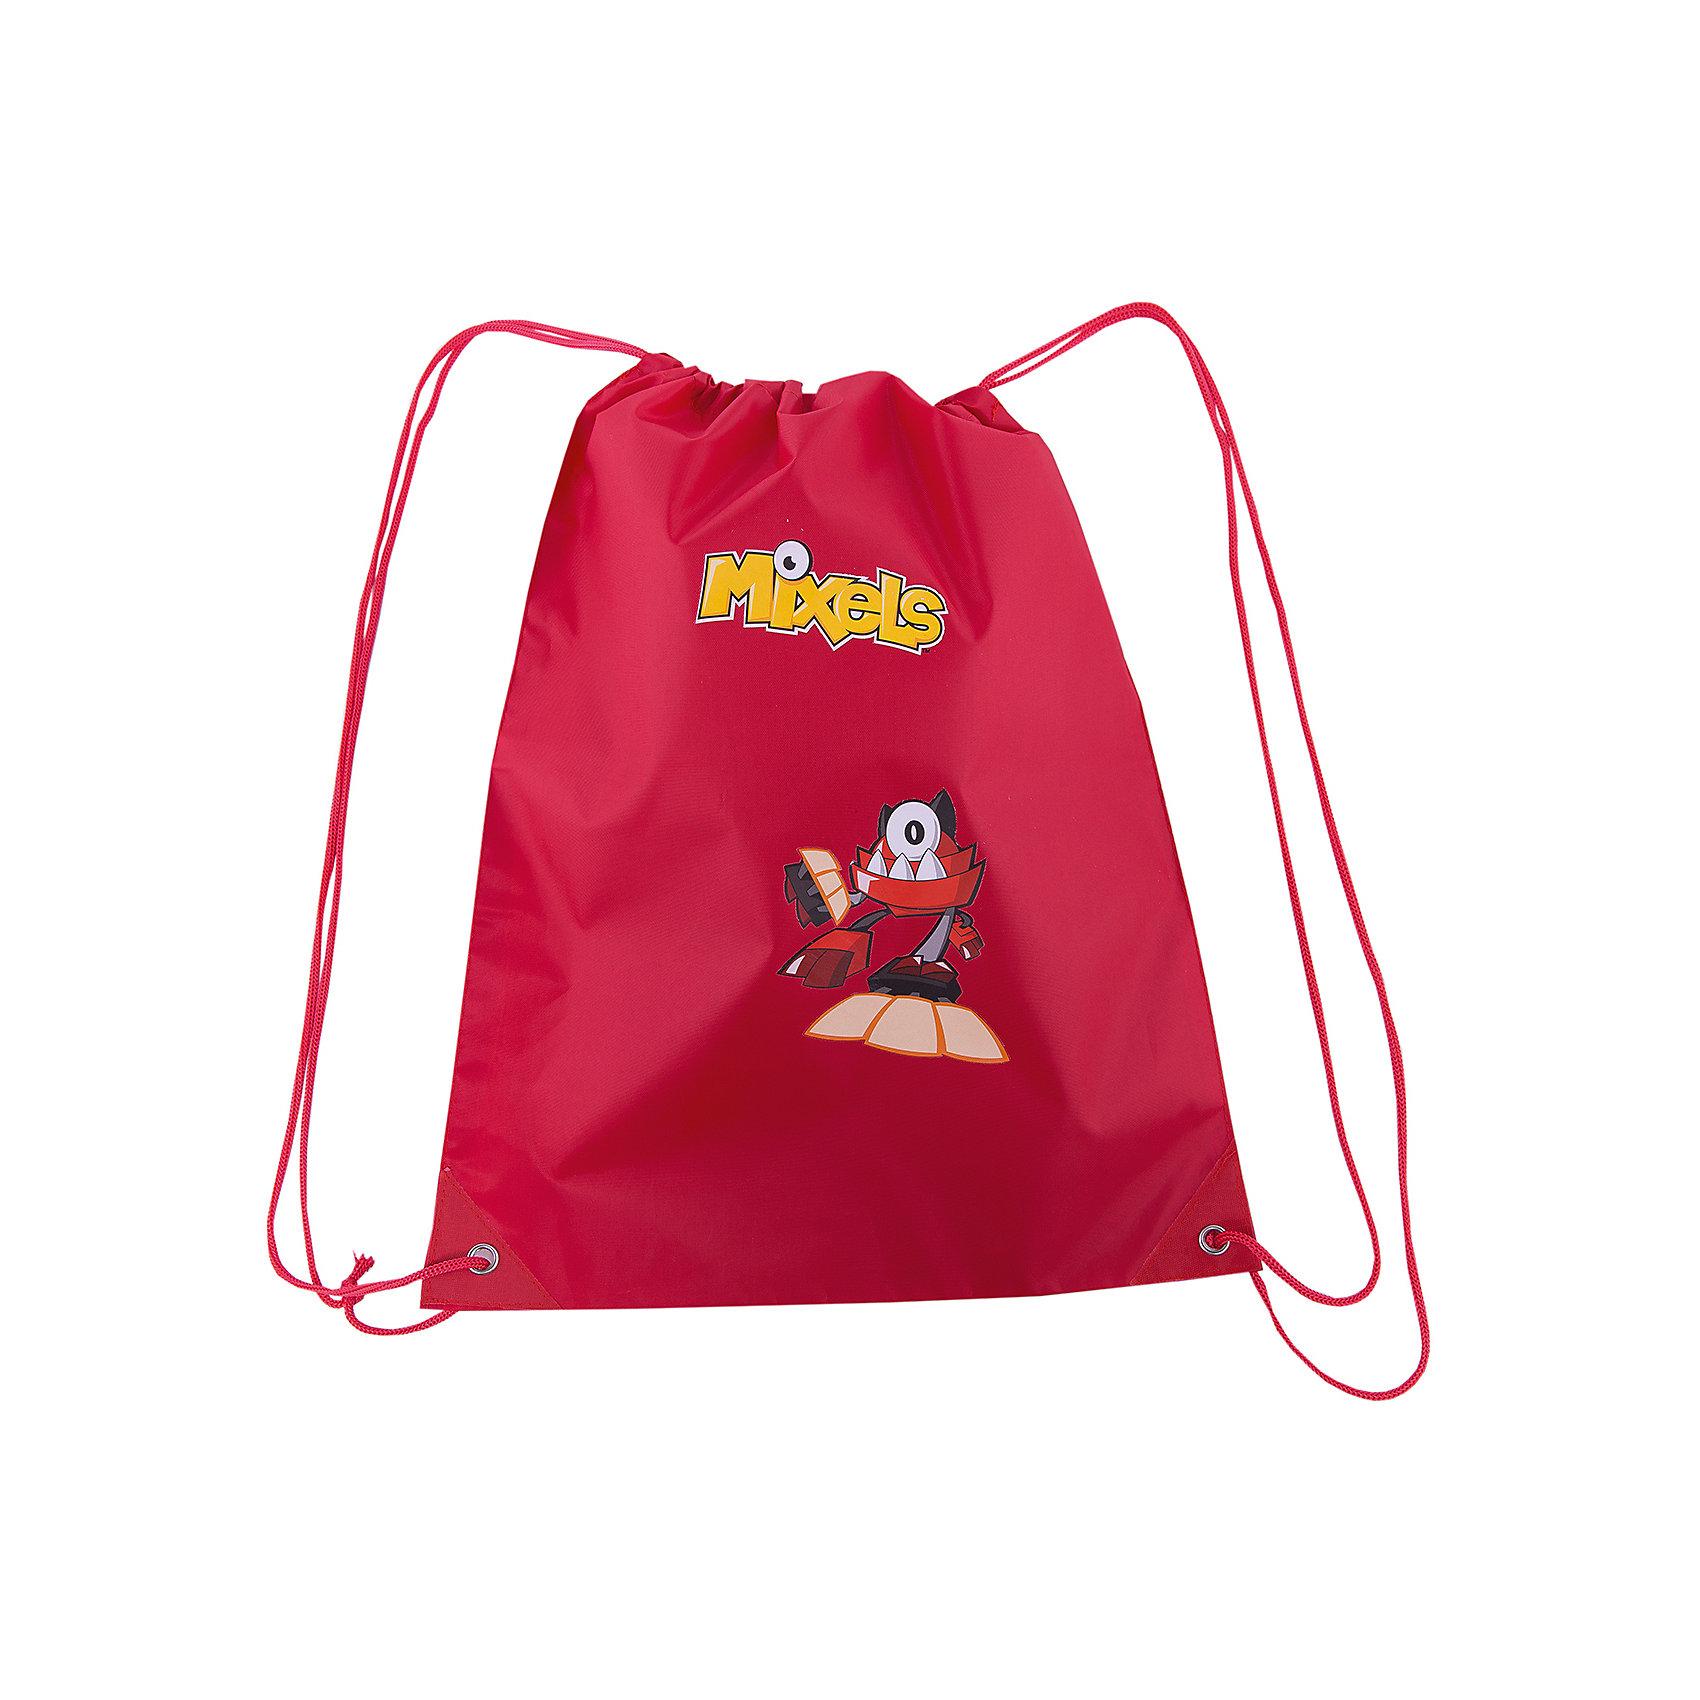 Мешок для обуви Premium Light, красный, МixelsСумка-рюкзак для обуви красного цвета Mixels  от Lego с изображением любимых героев мультфильма- незаменимая вещь в учебе ребёнка!<br> Удобный и очень легкий мешок, украшен ярким принтом с изображением любимого героя. Может использоваться как для хранения, так и для переноски сменной обуви и спортивной одежды. Выполнен из высококачественного полиэстера плотностью 210 den и имеет водоотталкивающее покрытие. Затягивается сверху шнуром-лямкой и носится, как рюкзак.<br><br>Ширина мм: 430<br>Глубина мм: 30<br>Высота мм: 350<br>Вес г: 45<br>Возраст от месяцев: 48<br>Возраст до месяцев: 144<br>Пол: Мужской<br>Возраст: Детский<br>SKU: 5475515